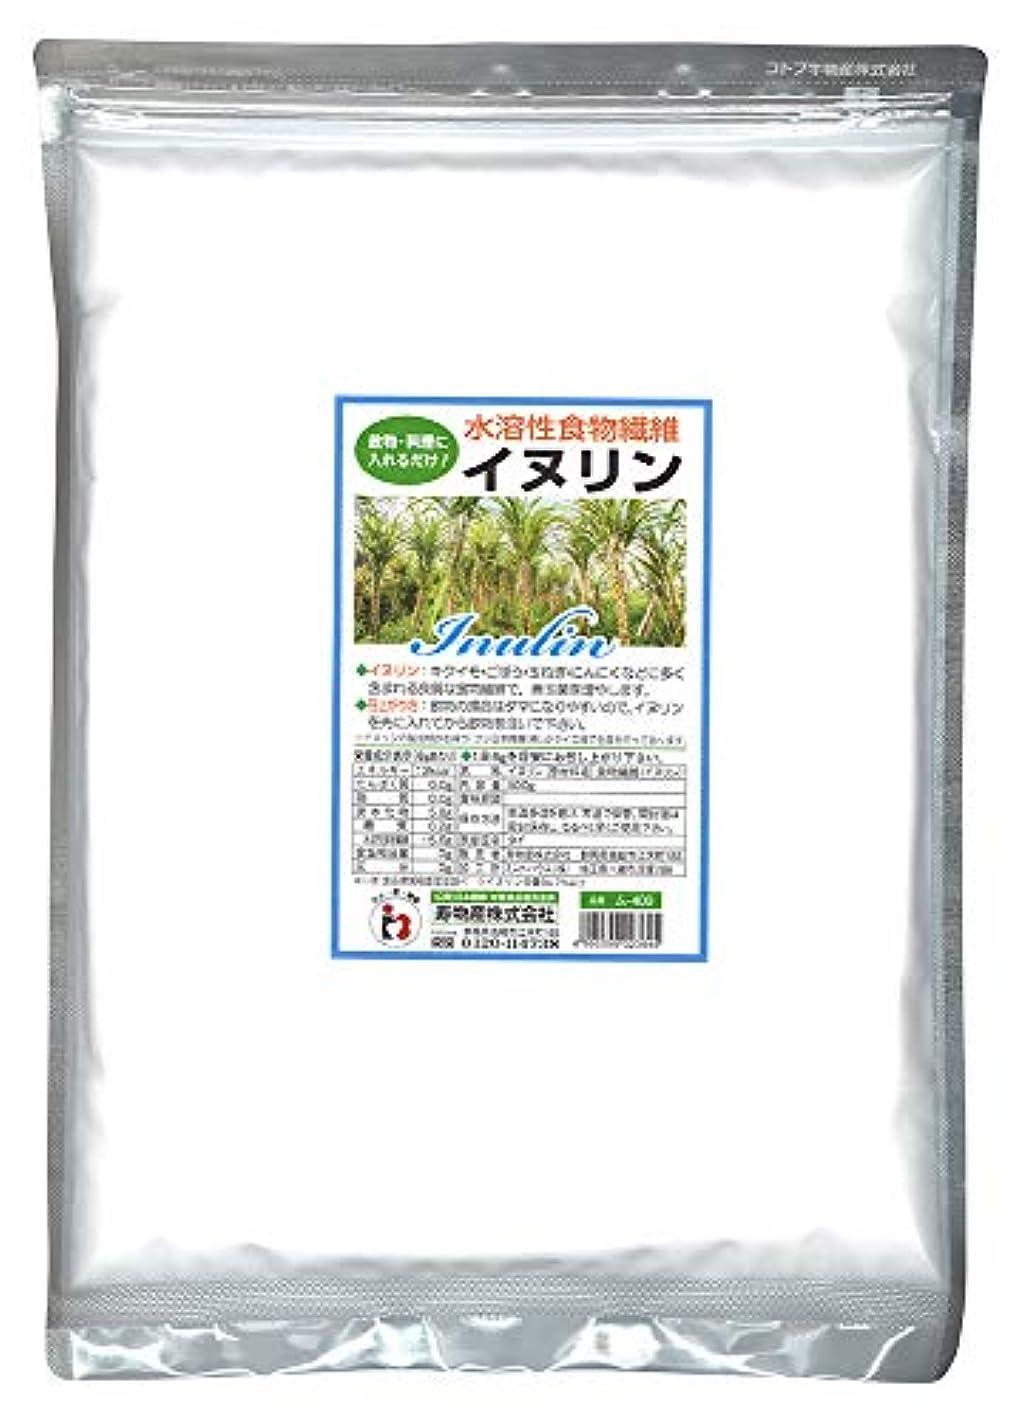 足首援助する貧困イヌリン 500g 水溶性食物繊維 菊芋に多く含まれる食物繊維